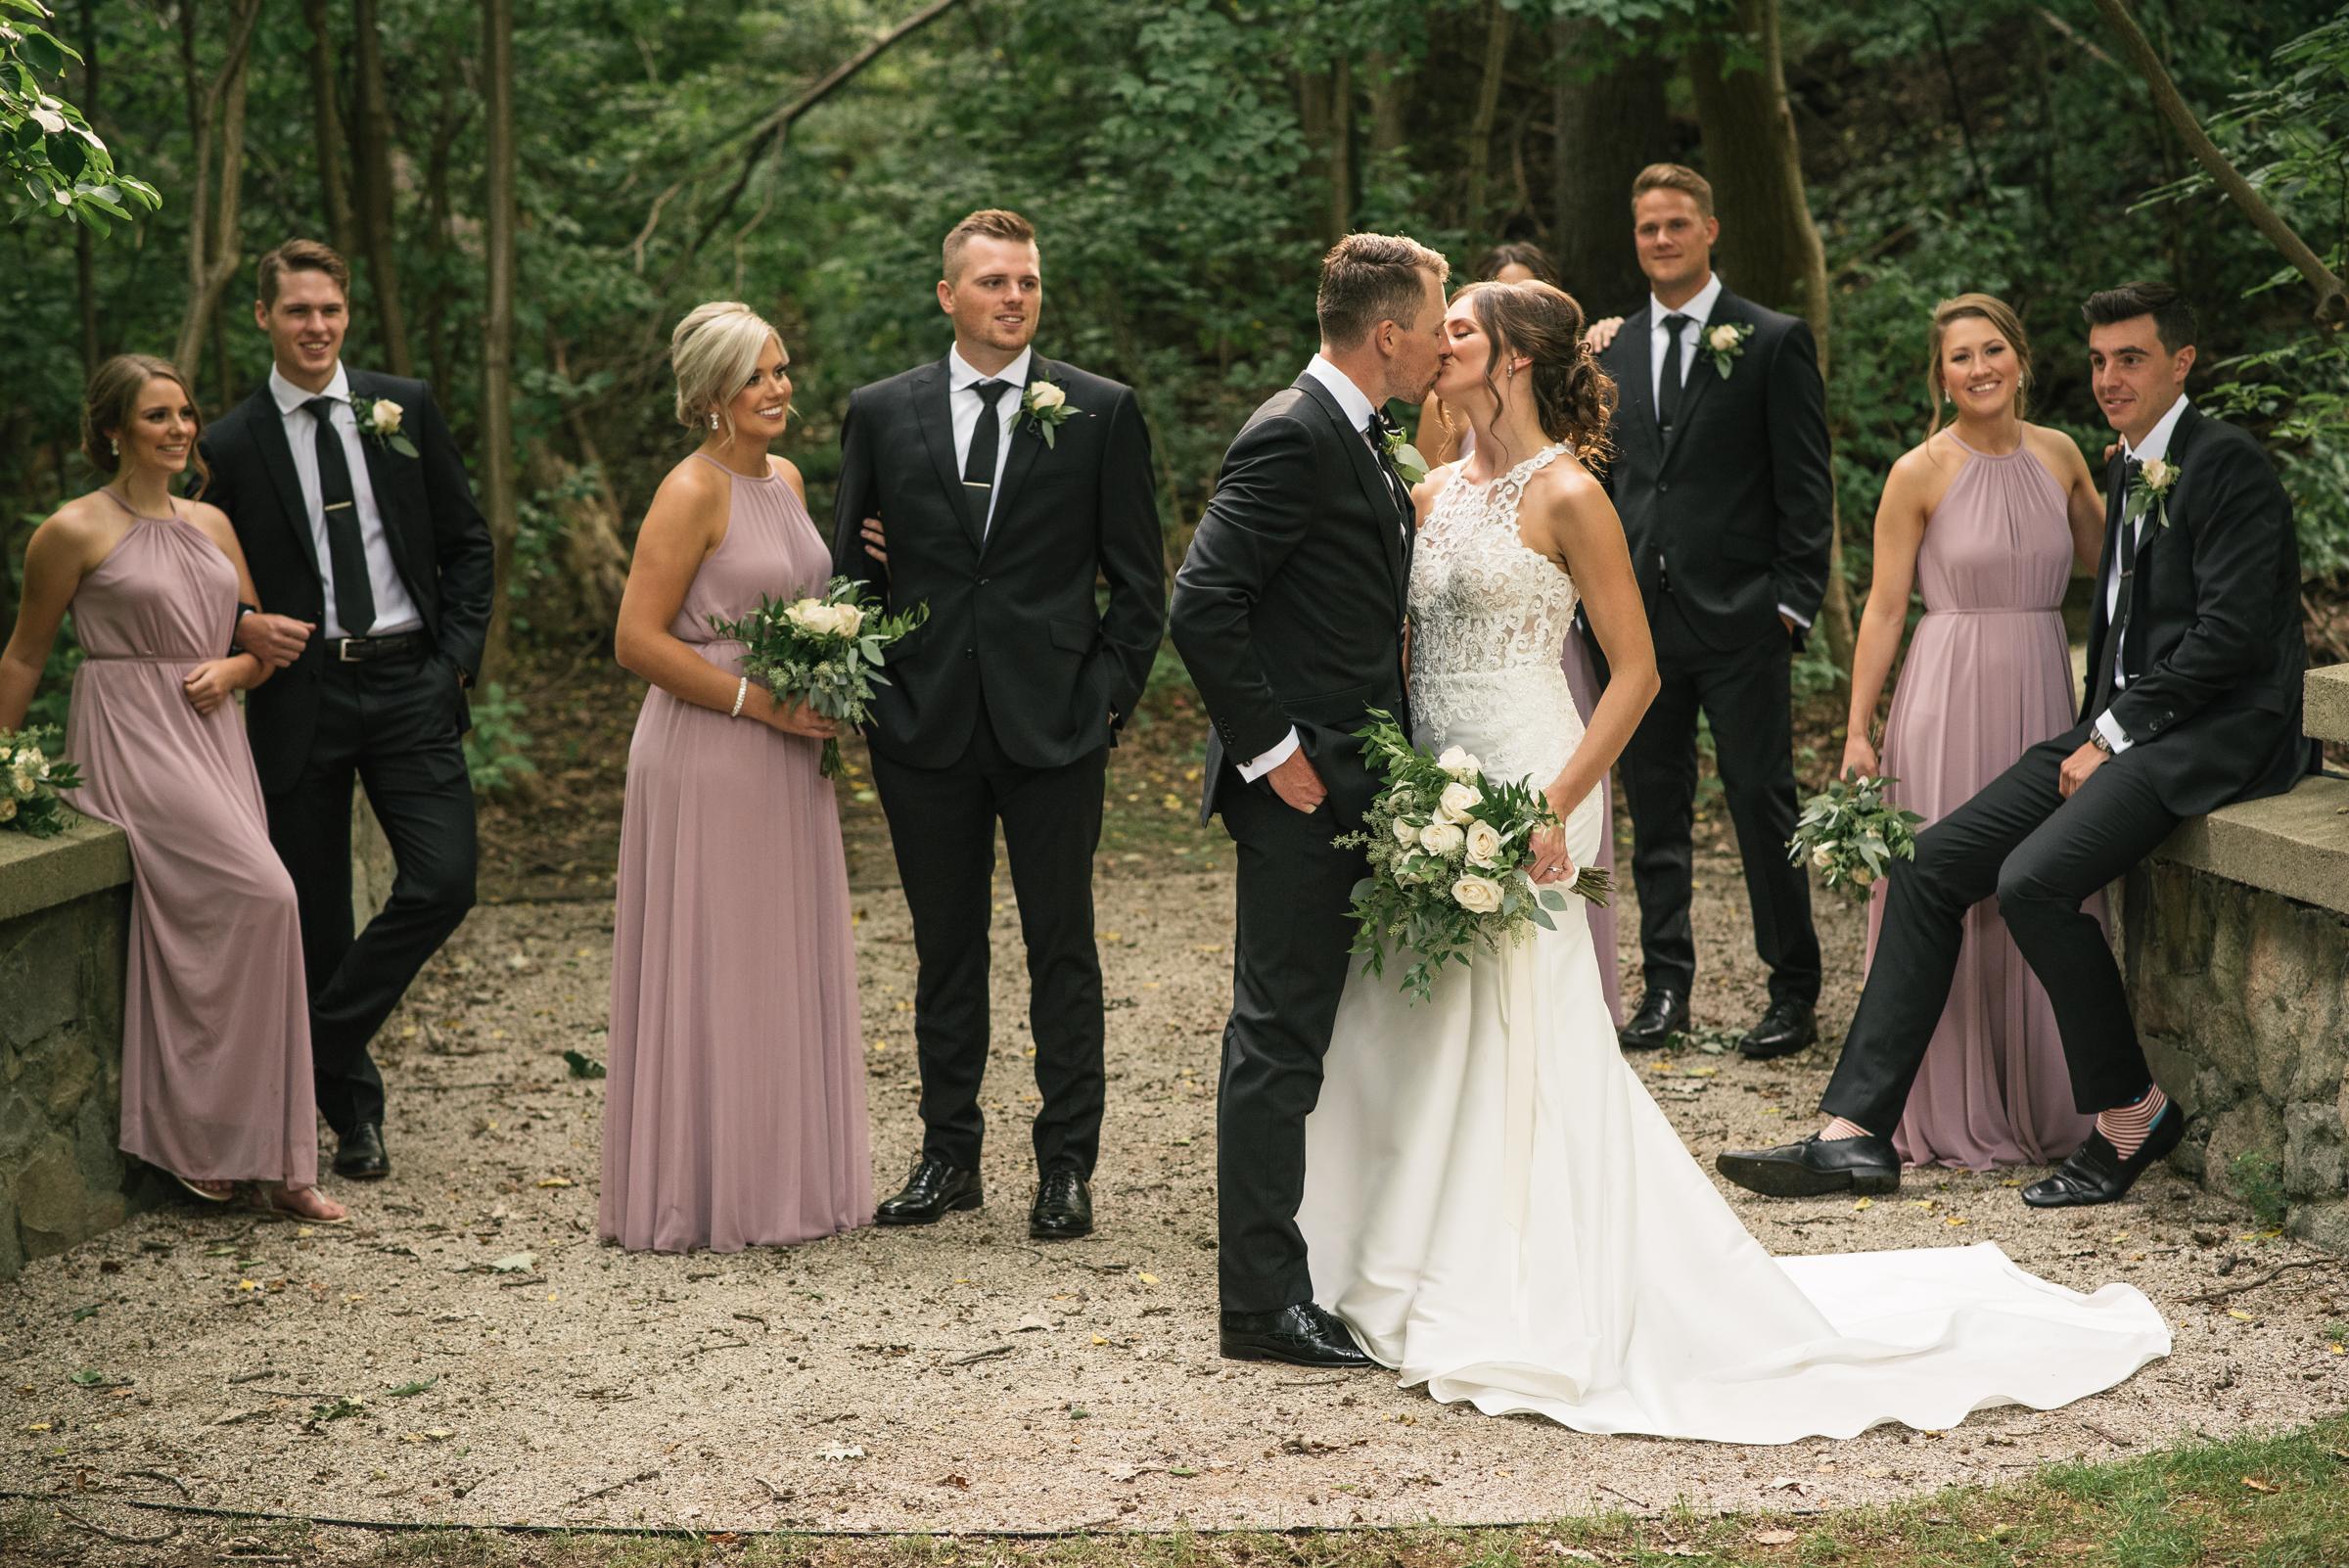 180824_KatieJake_Wedding_DSC_7811_Web.jpg